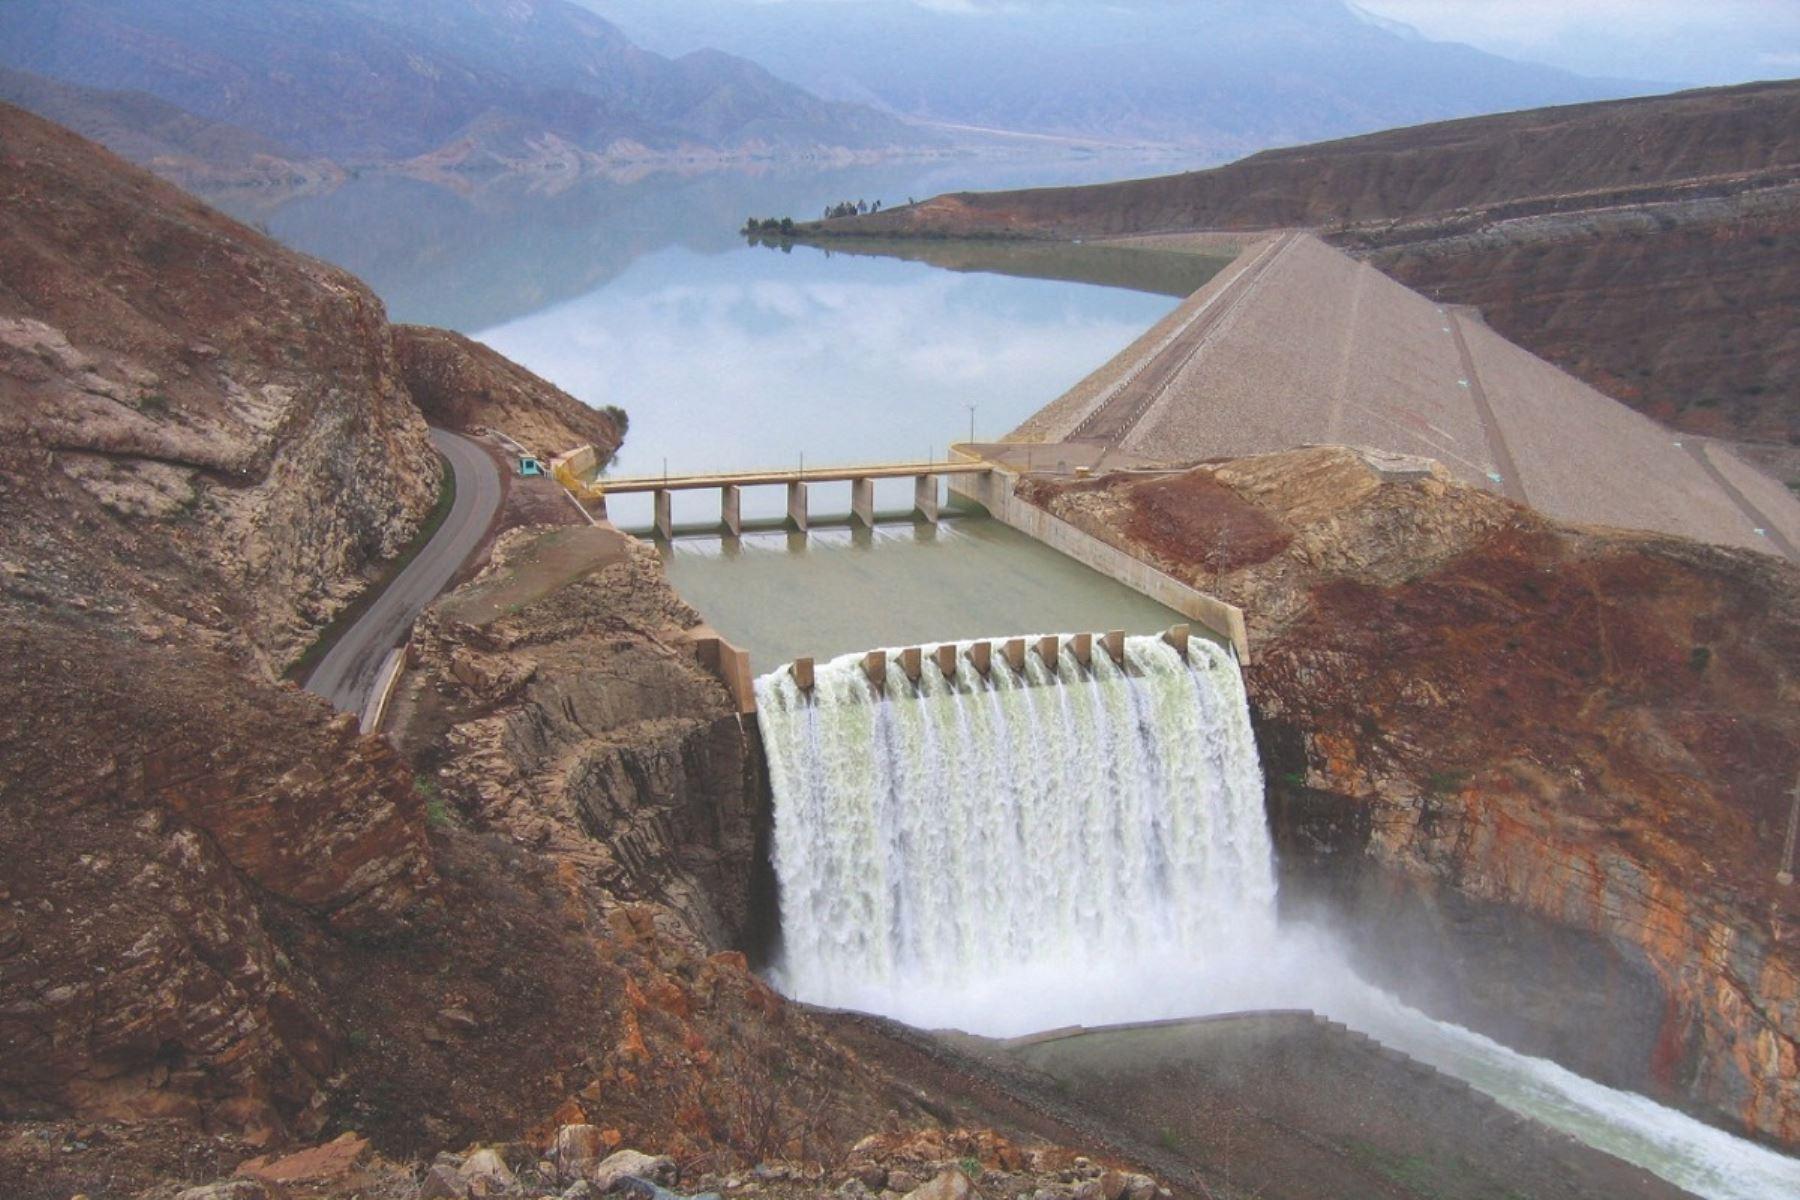 Aprueban norma que fortalecerá gestión integrada y sostenible de recursos hídricos